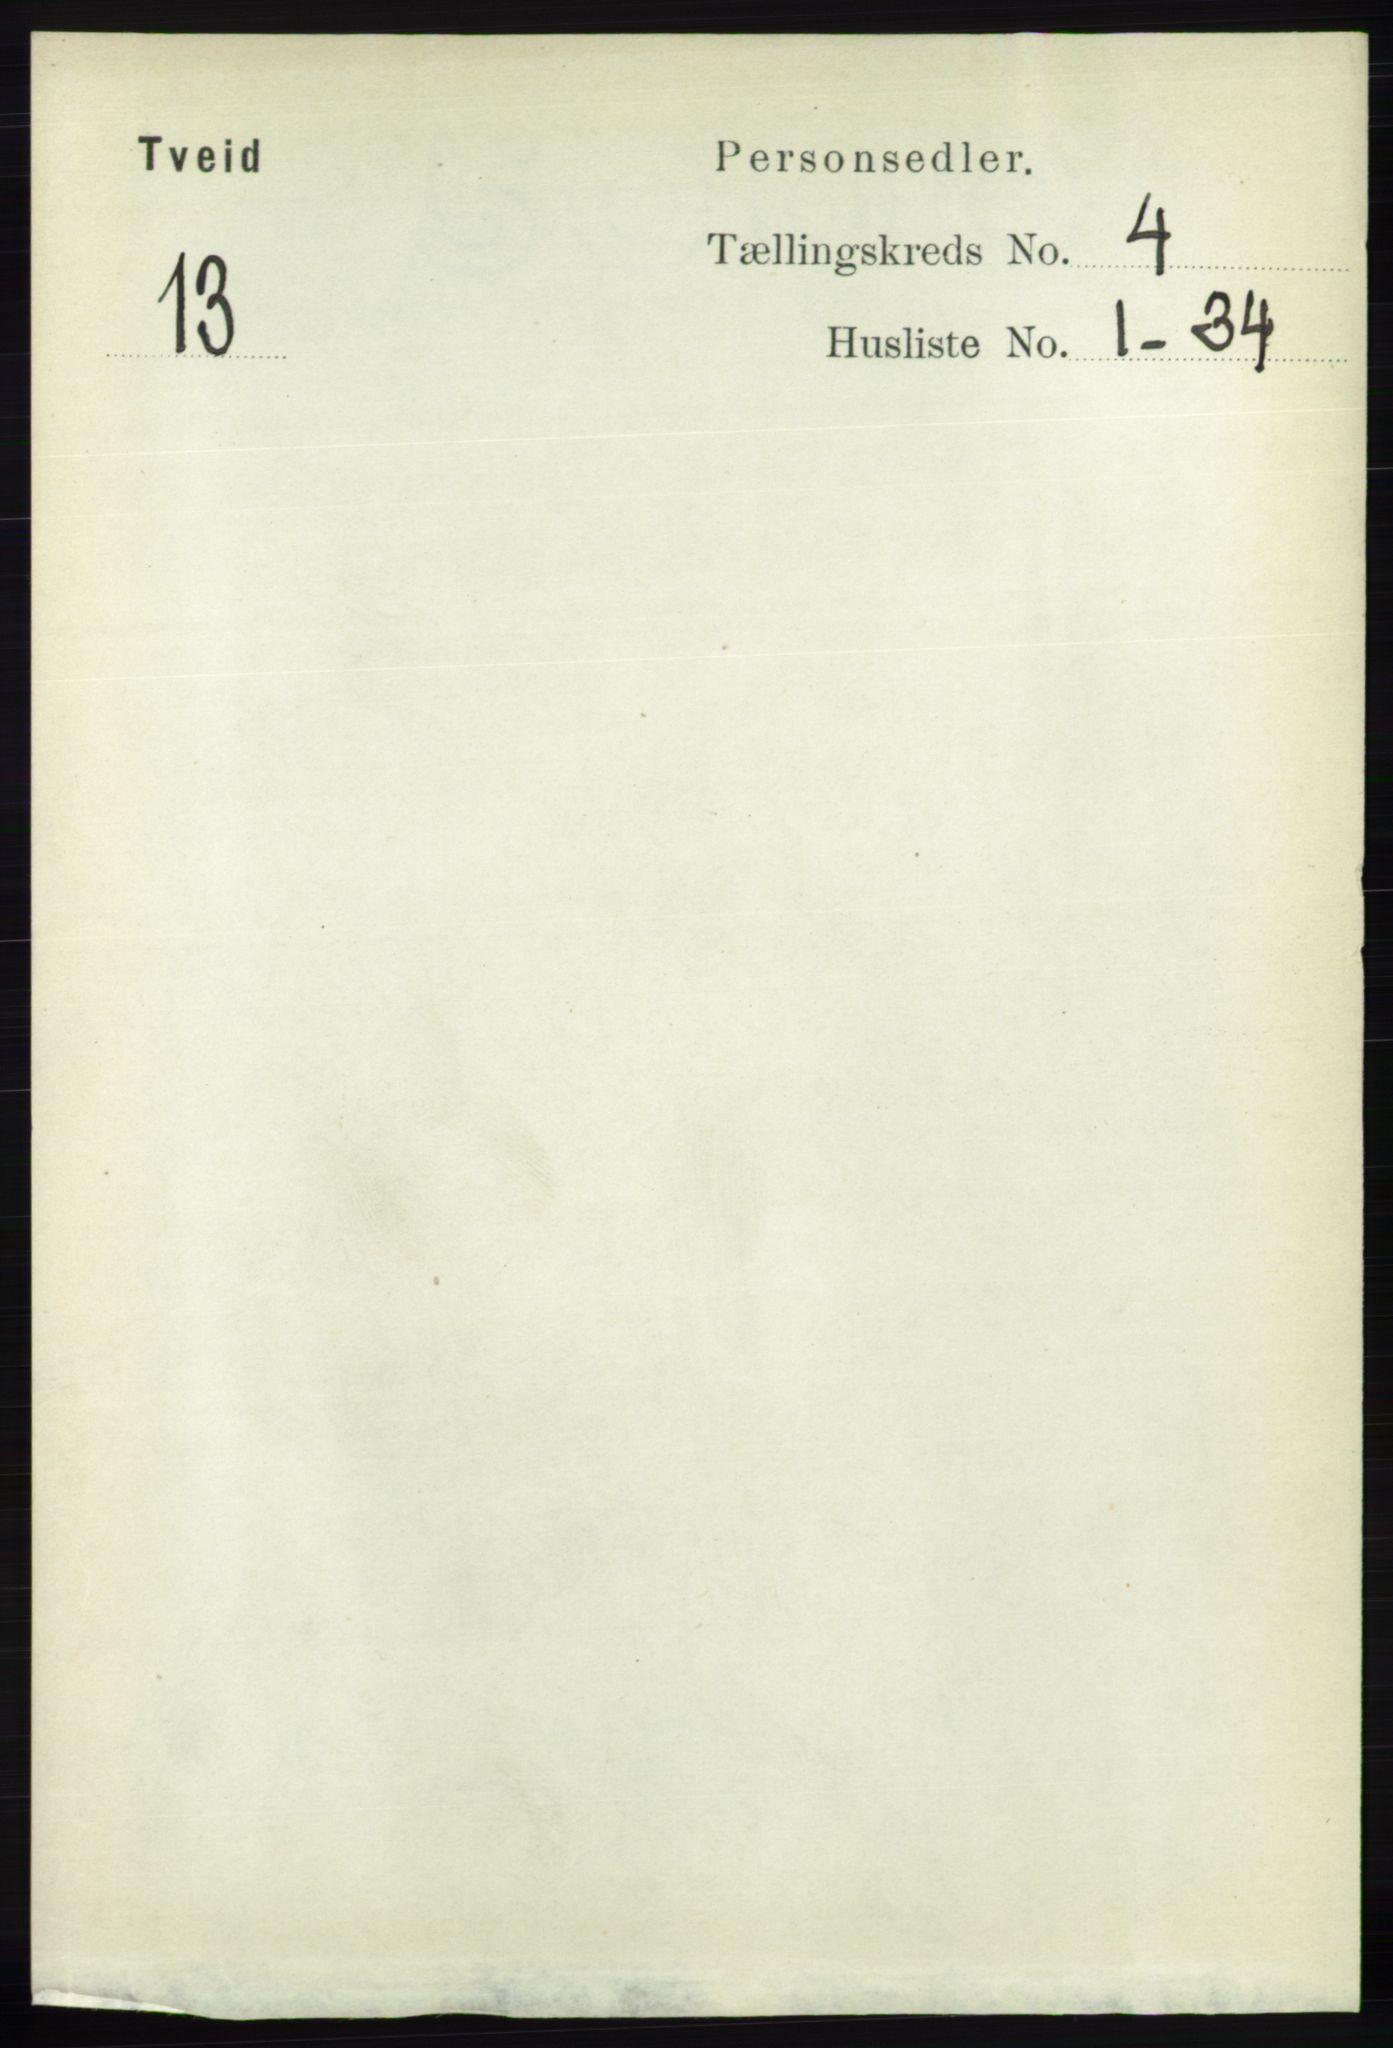 RA, Folketelling 1891 for 1013 Tveit herred, 1891, s. 1805